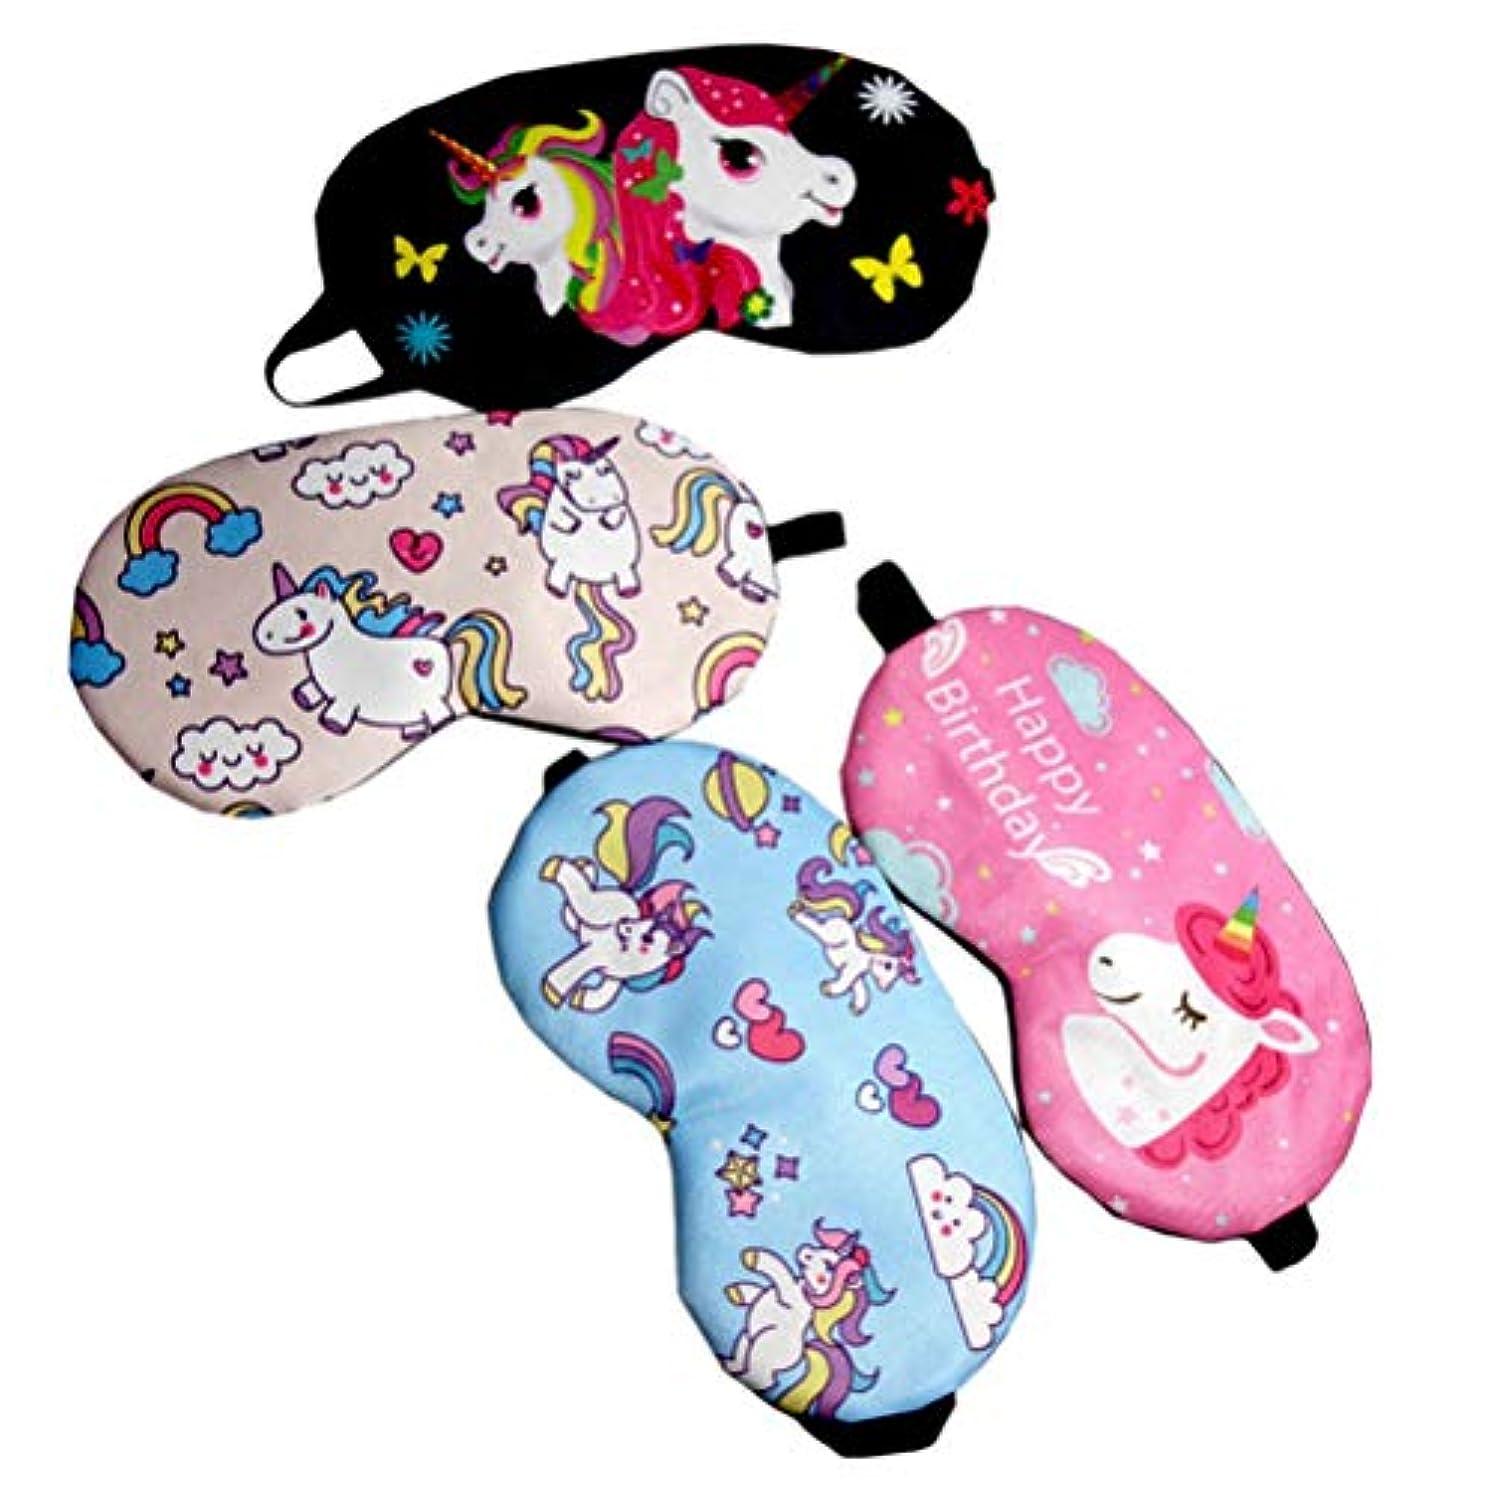 スクラブ探すヒロイン子供のためのBeaupretty 4PCSユニコーン睡眠マスクカバー軽量目隠しソフトアイマスク(ブラック+ローズレッド+ライトピンク+ライトブルー)